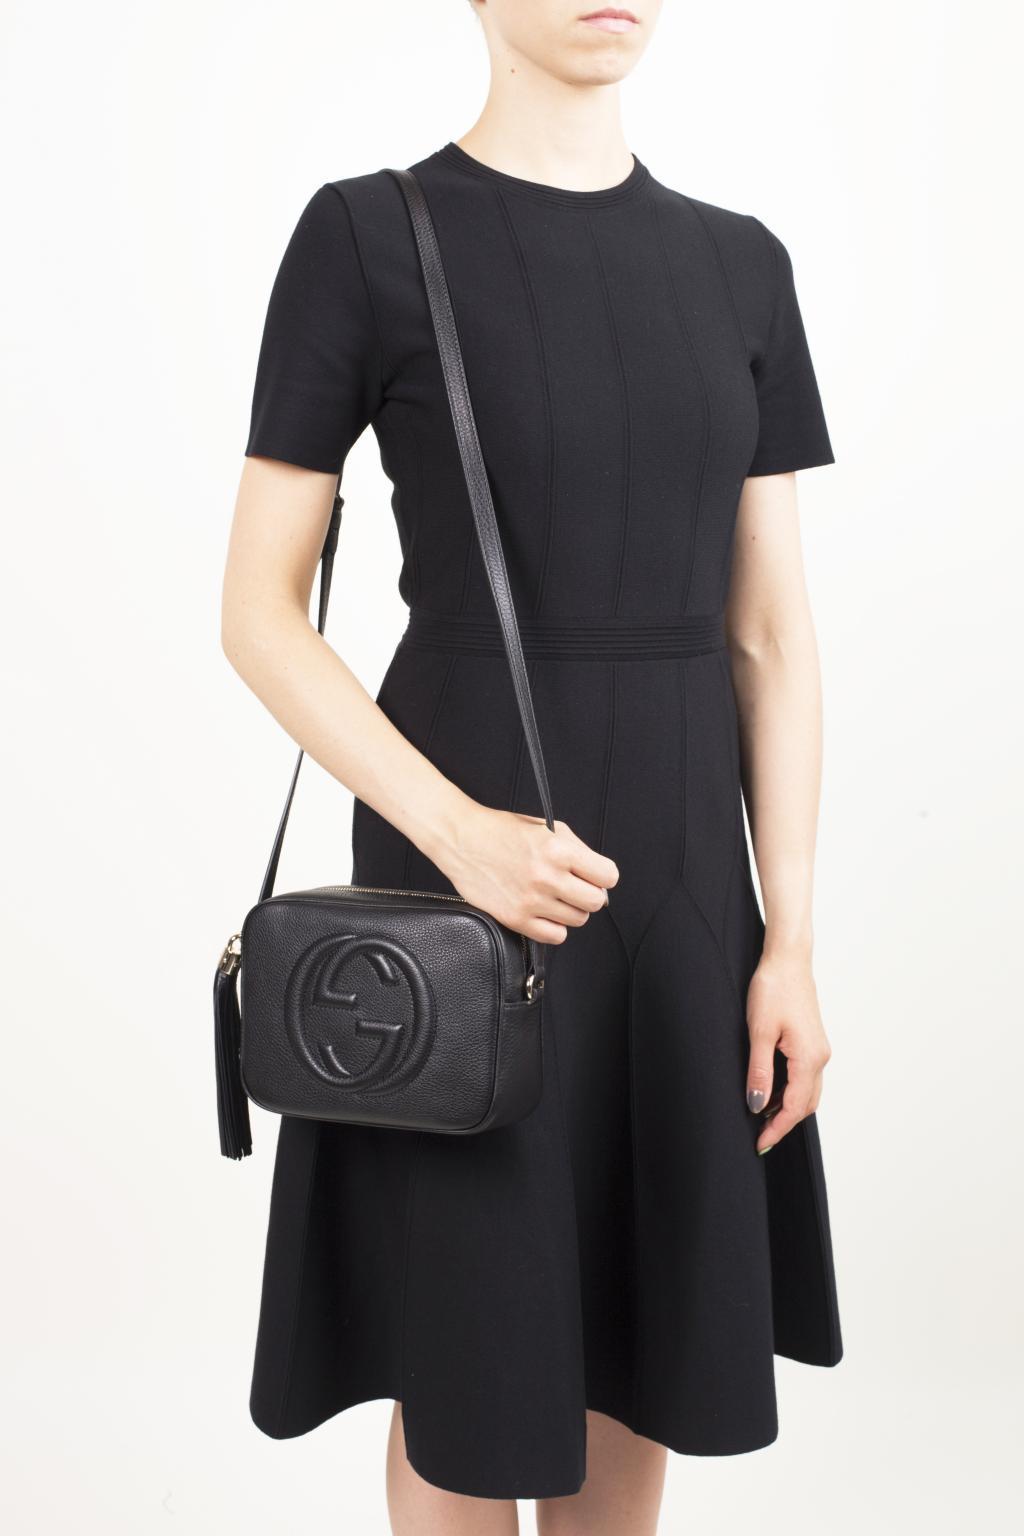 245e52a30a807d Gucci - Black 'soho Disco' Shoulder Bag - Lyst. View fullscreen